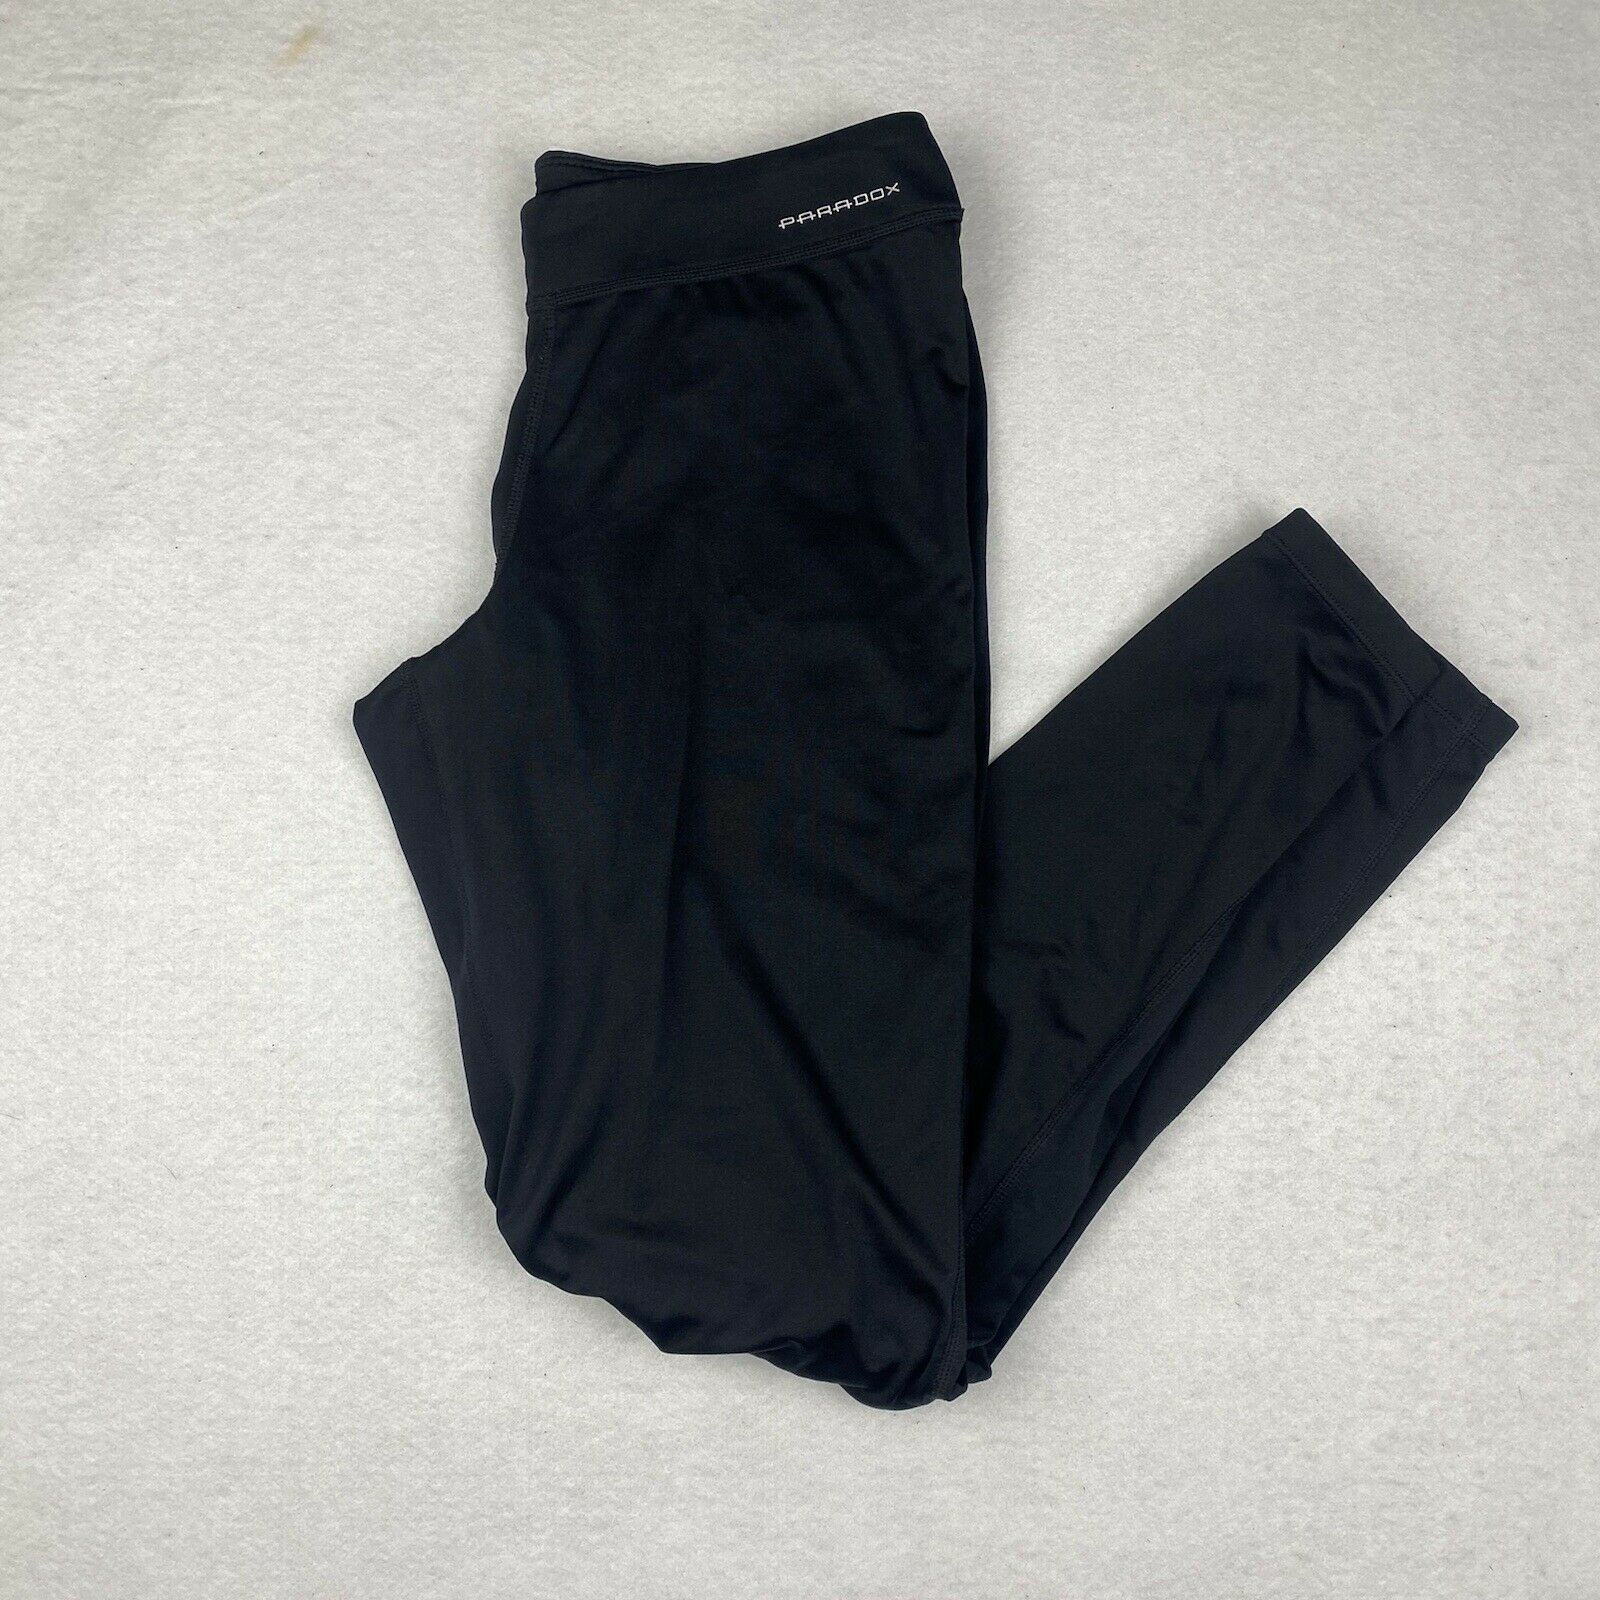 Paradox Base Layer Bottoms Thermal Pants Sports Black Ski Active Women's Size M